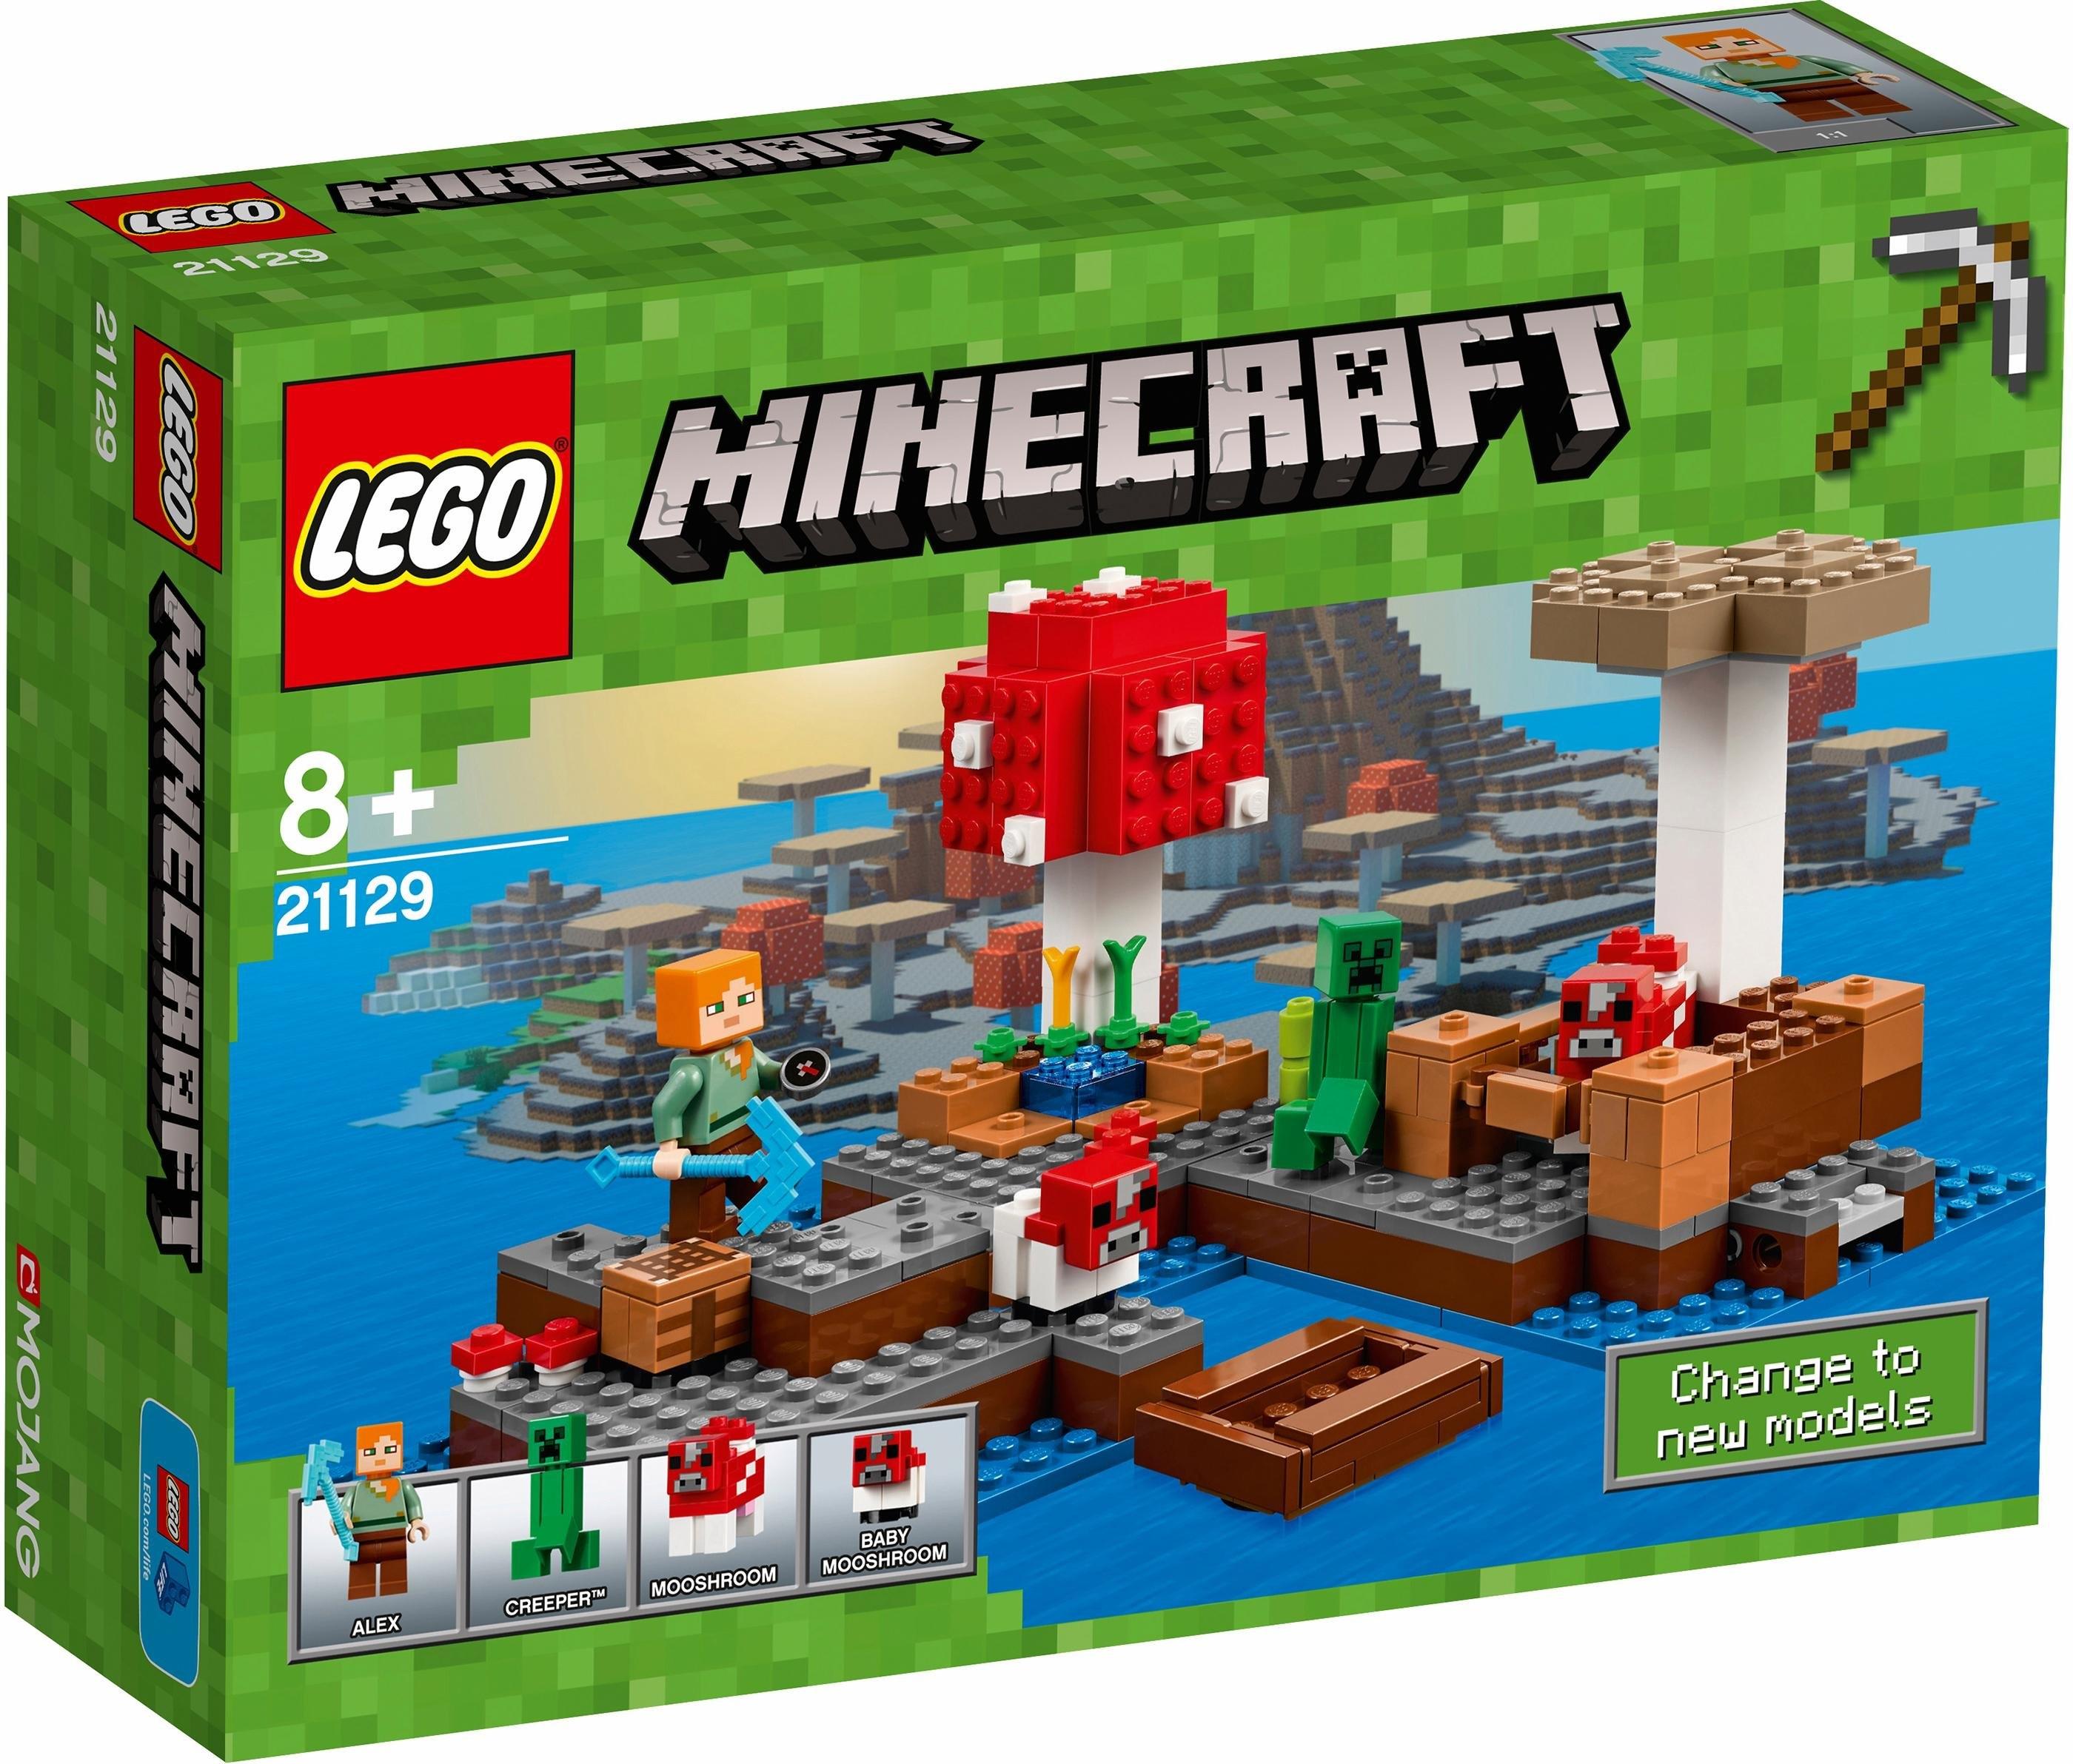 LEGO de Pilzinsel (21129), »LEGO® Minecraft™« bestellen: 14 dagen bedenktijd